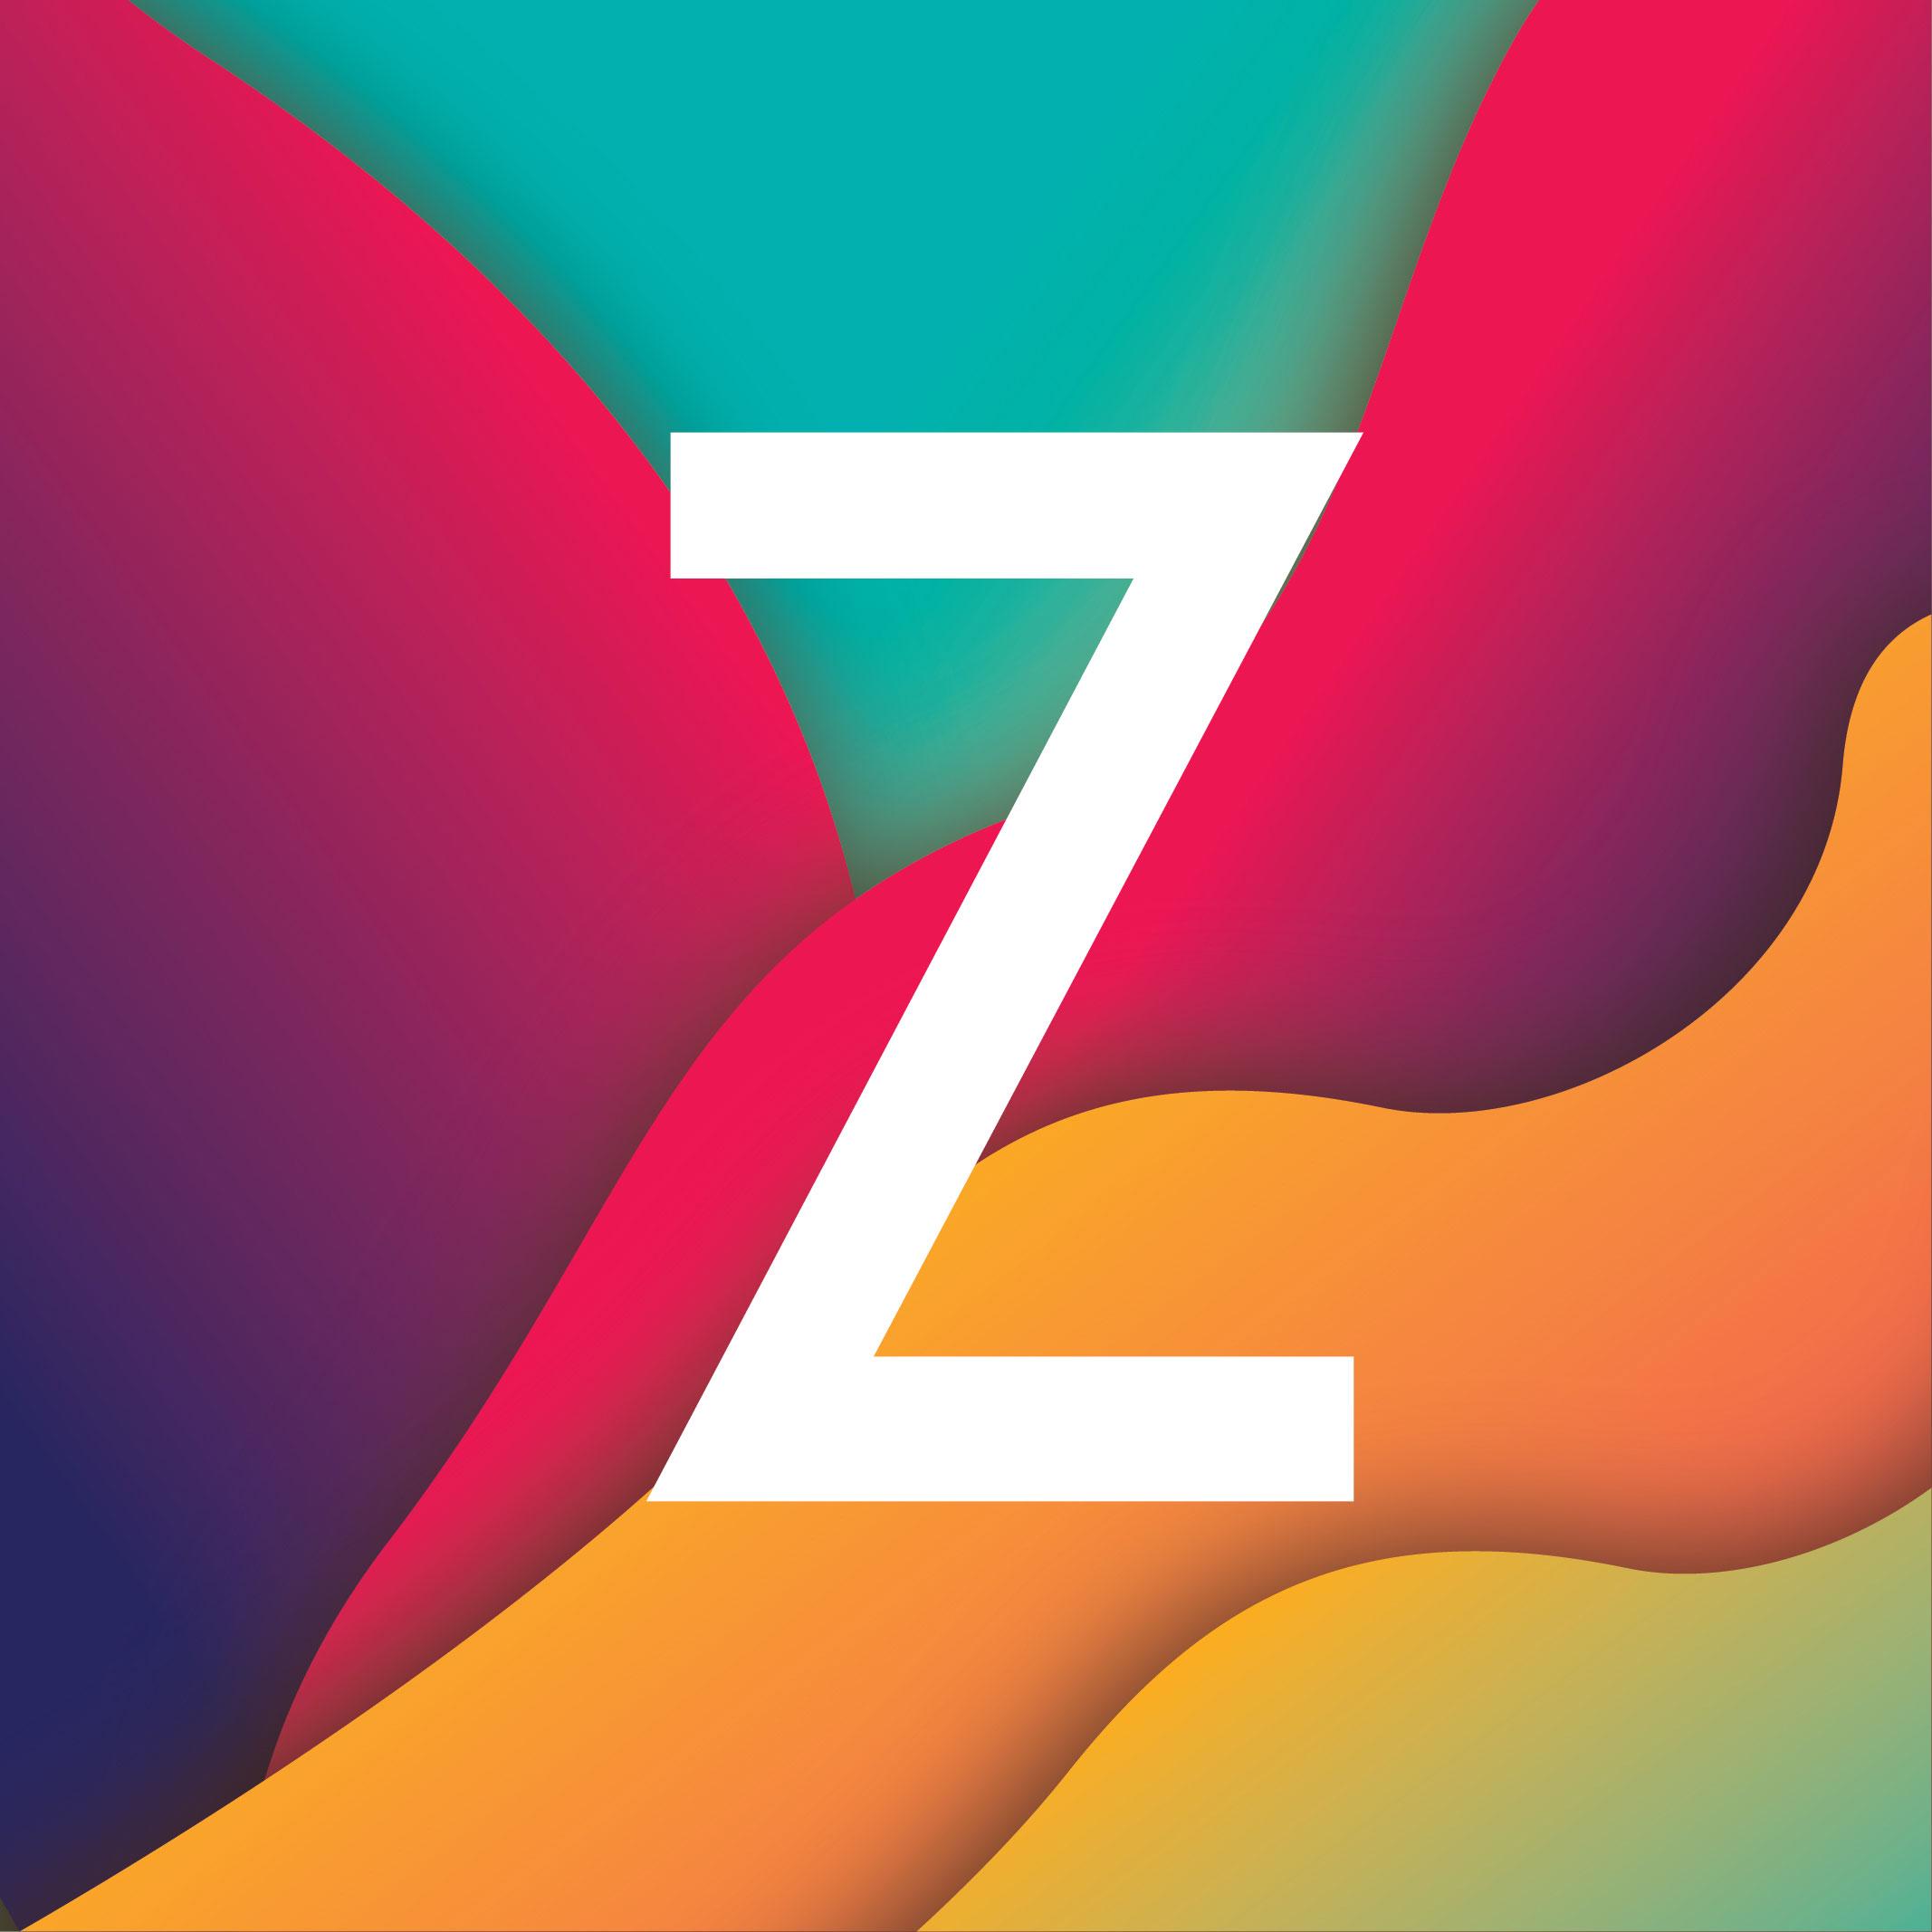 ZEN_ZEST